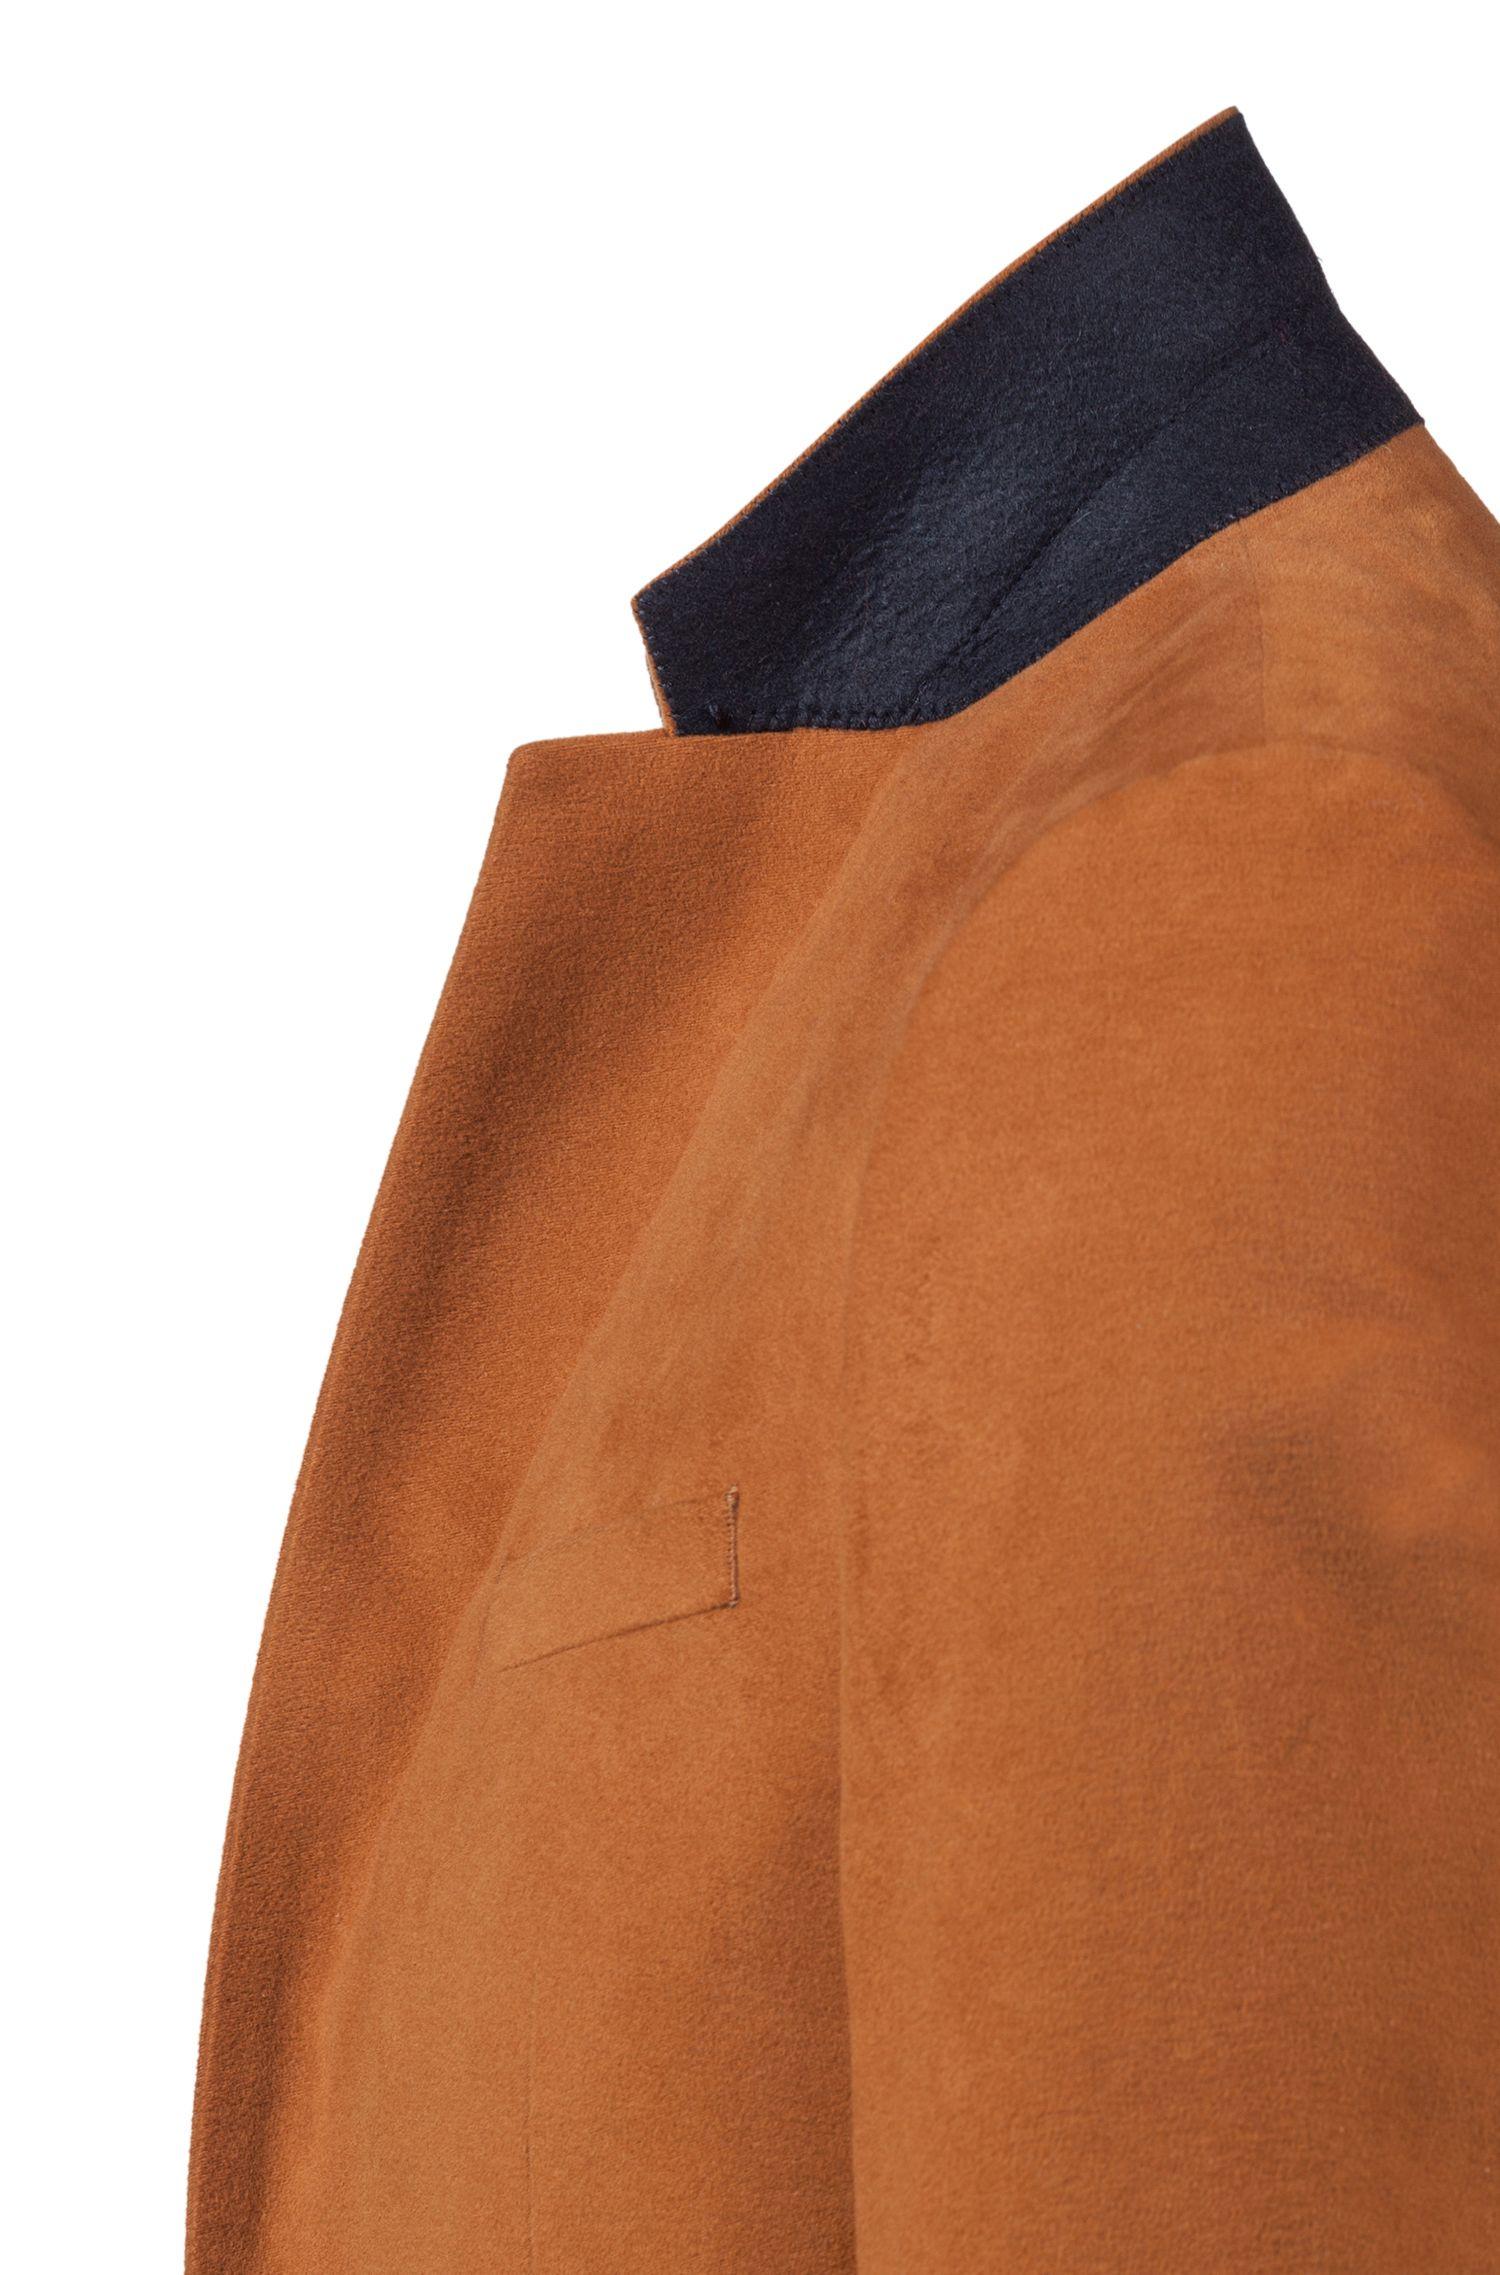 Costume Extra Slim Fit en moleskine, avec revers crantés, Marron